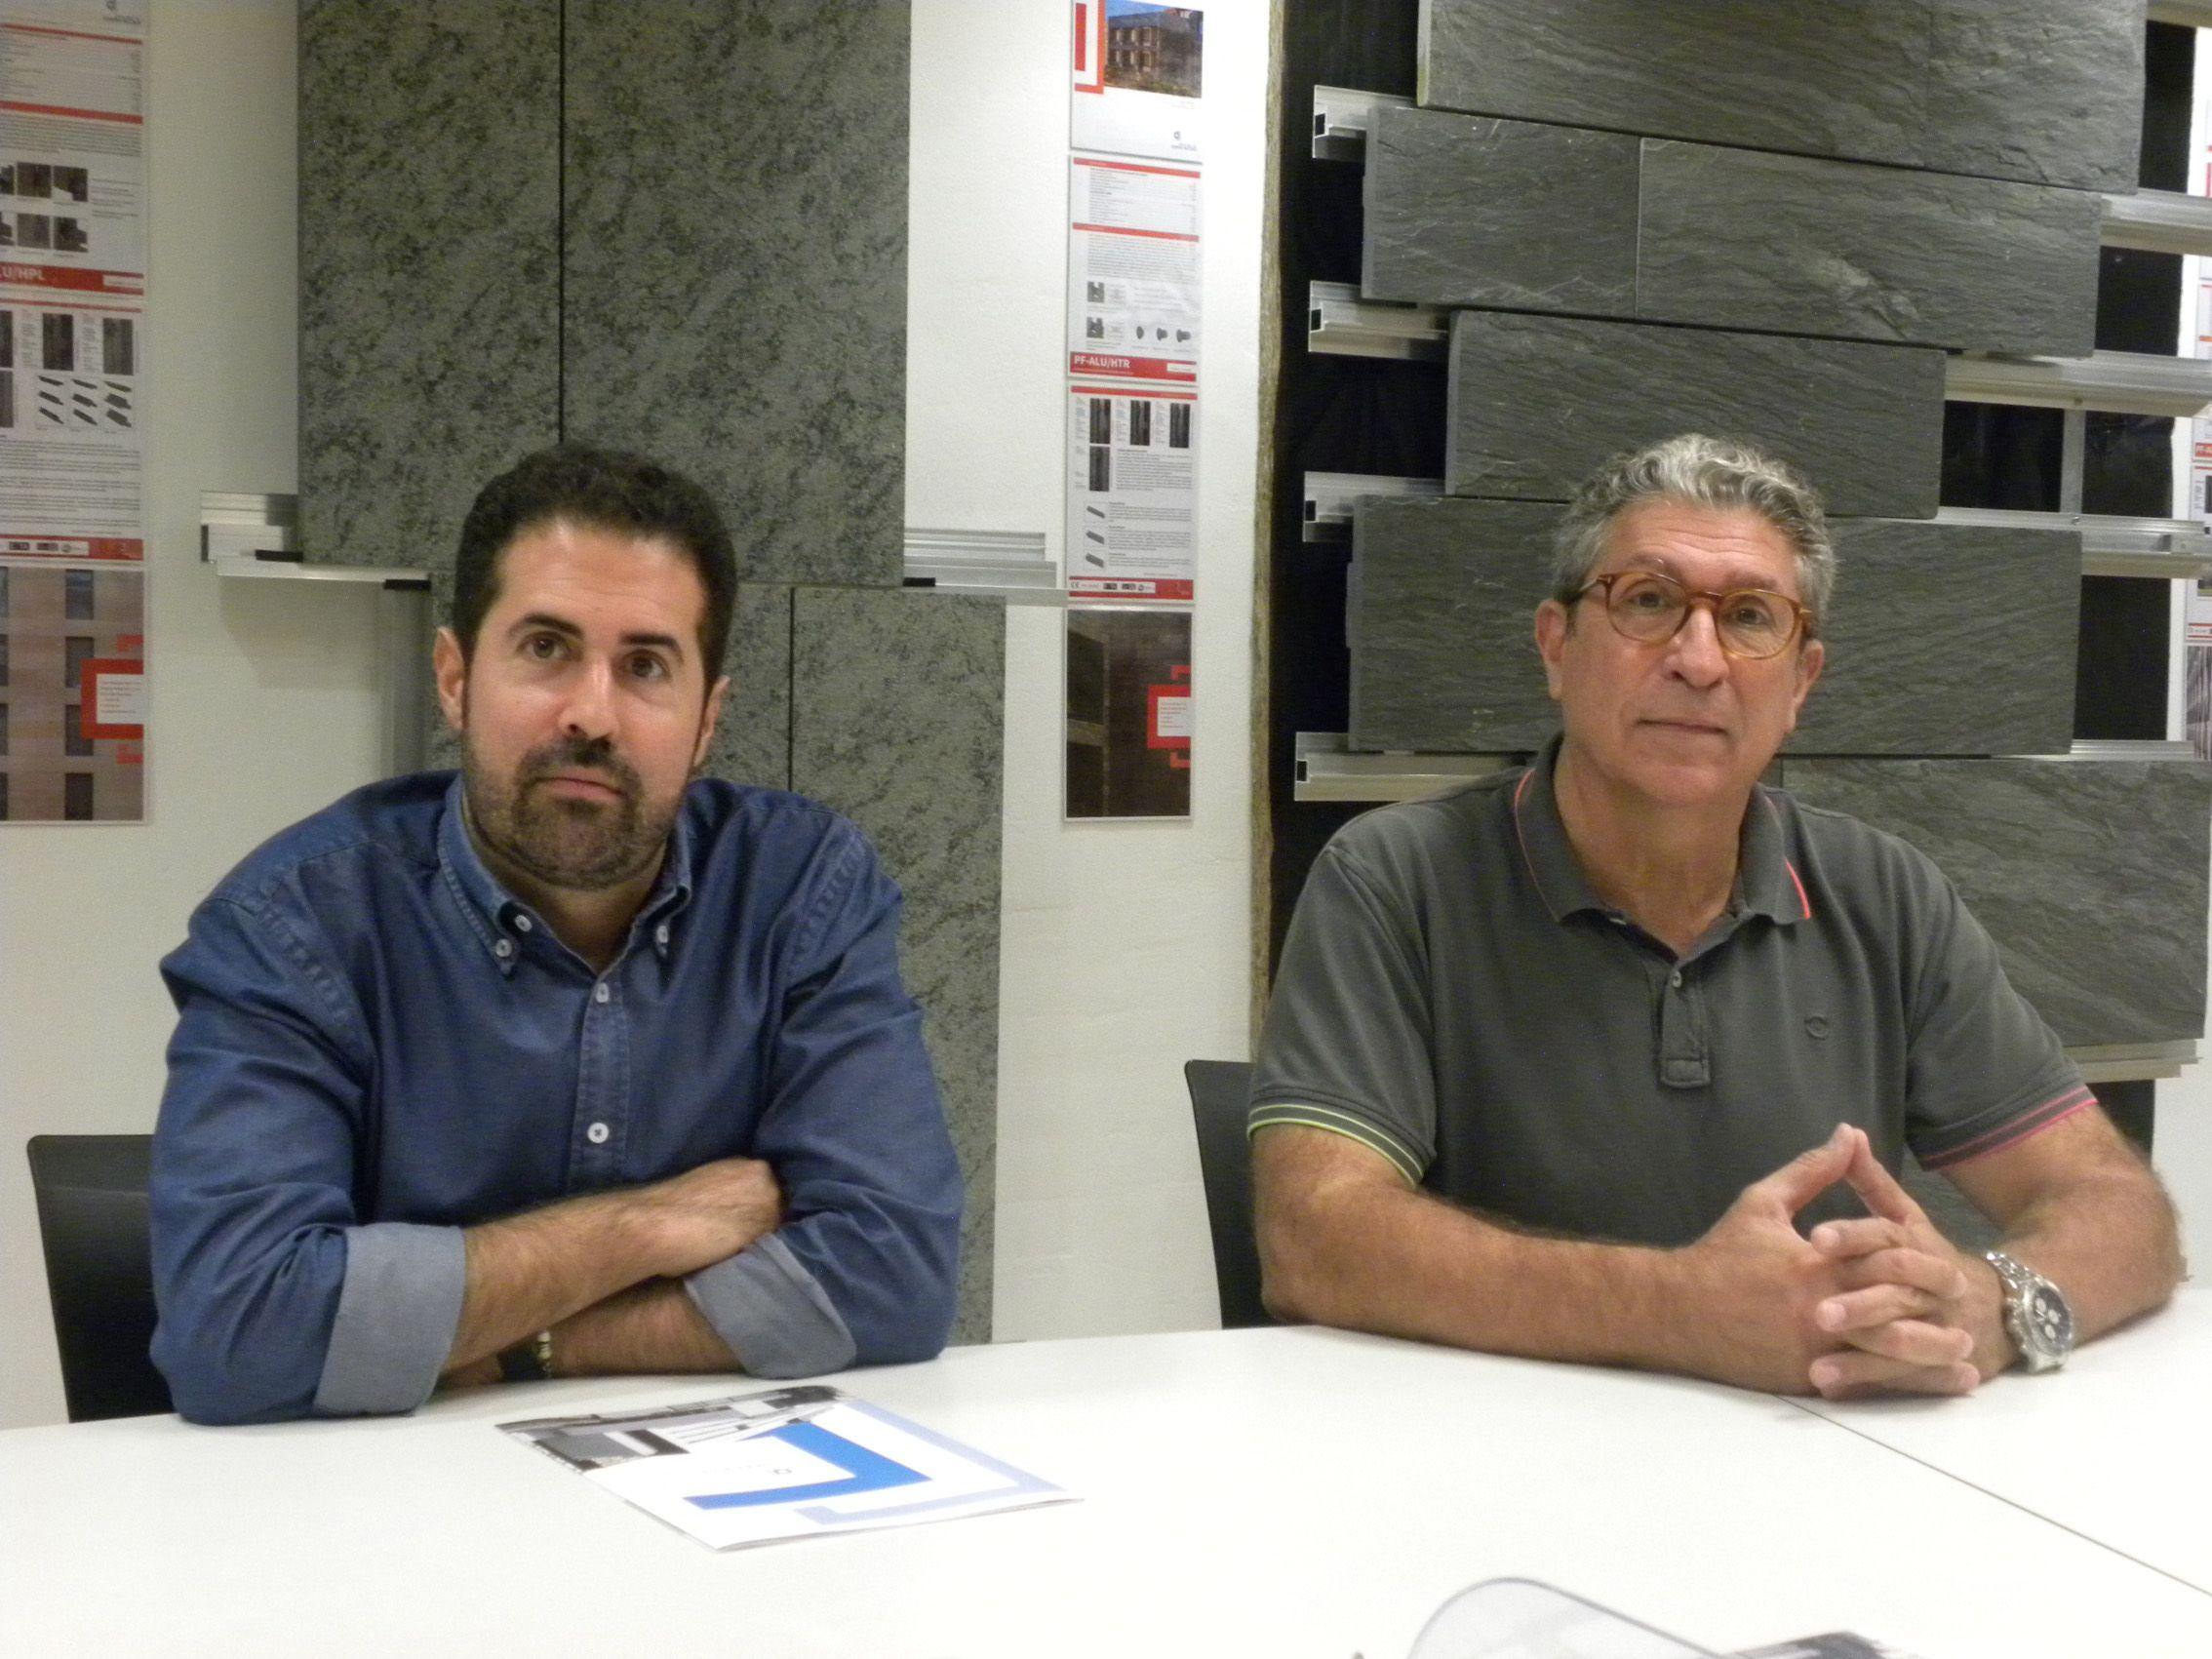 Foto de Eduard Aguiló Balet y Eduard Aguiló Riu, director y